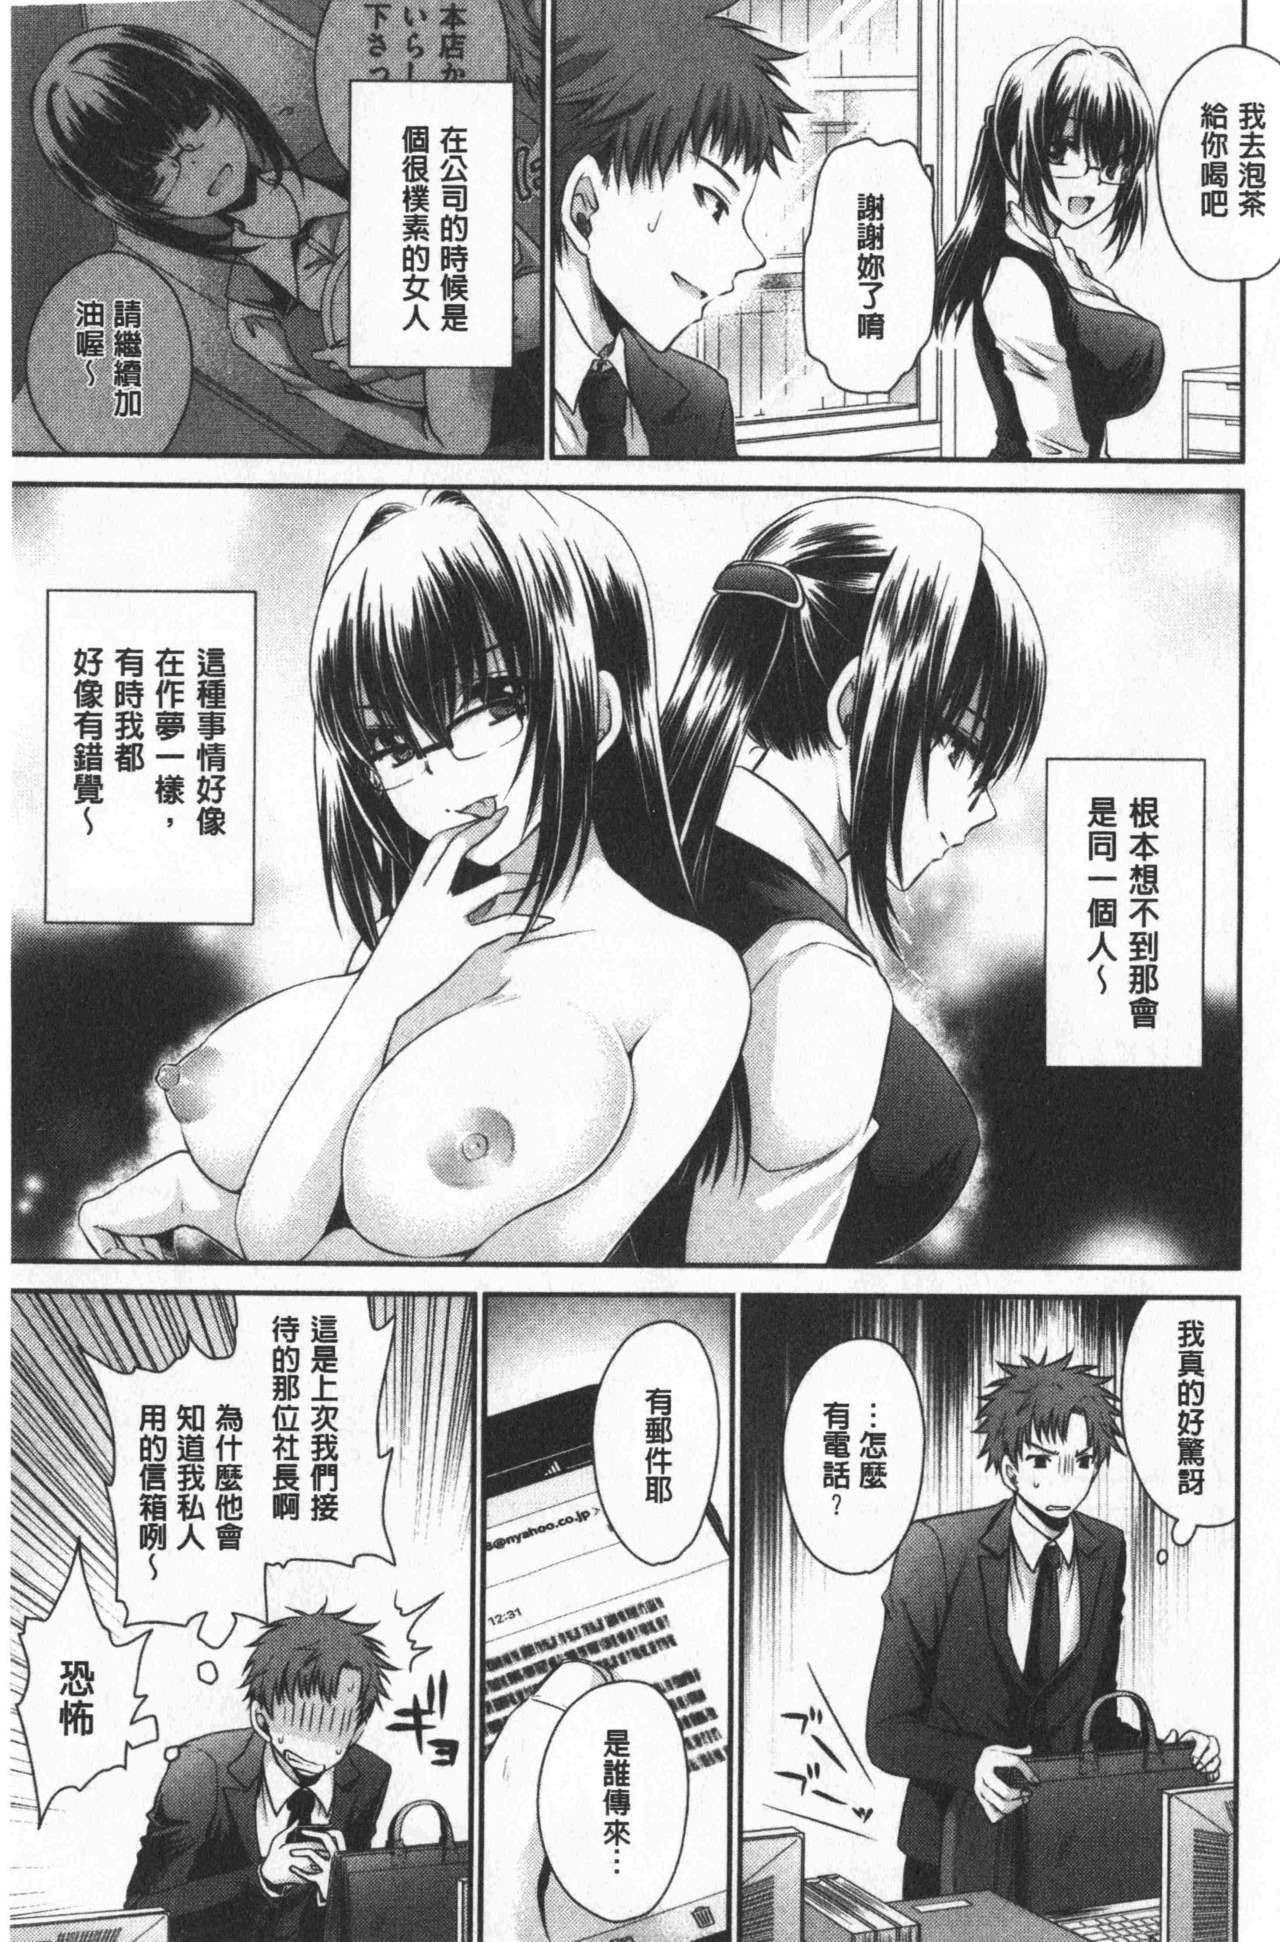 Doku Aru Hana no Amai Mitsu   毒淫花的甘甜蜜 26